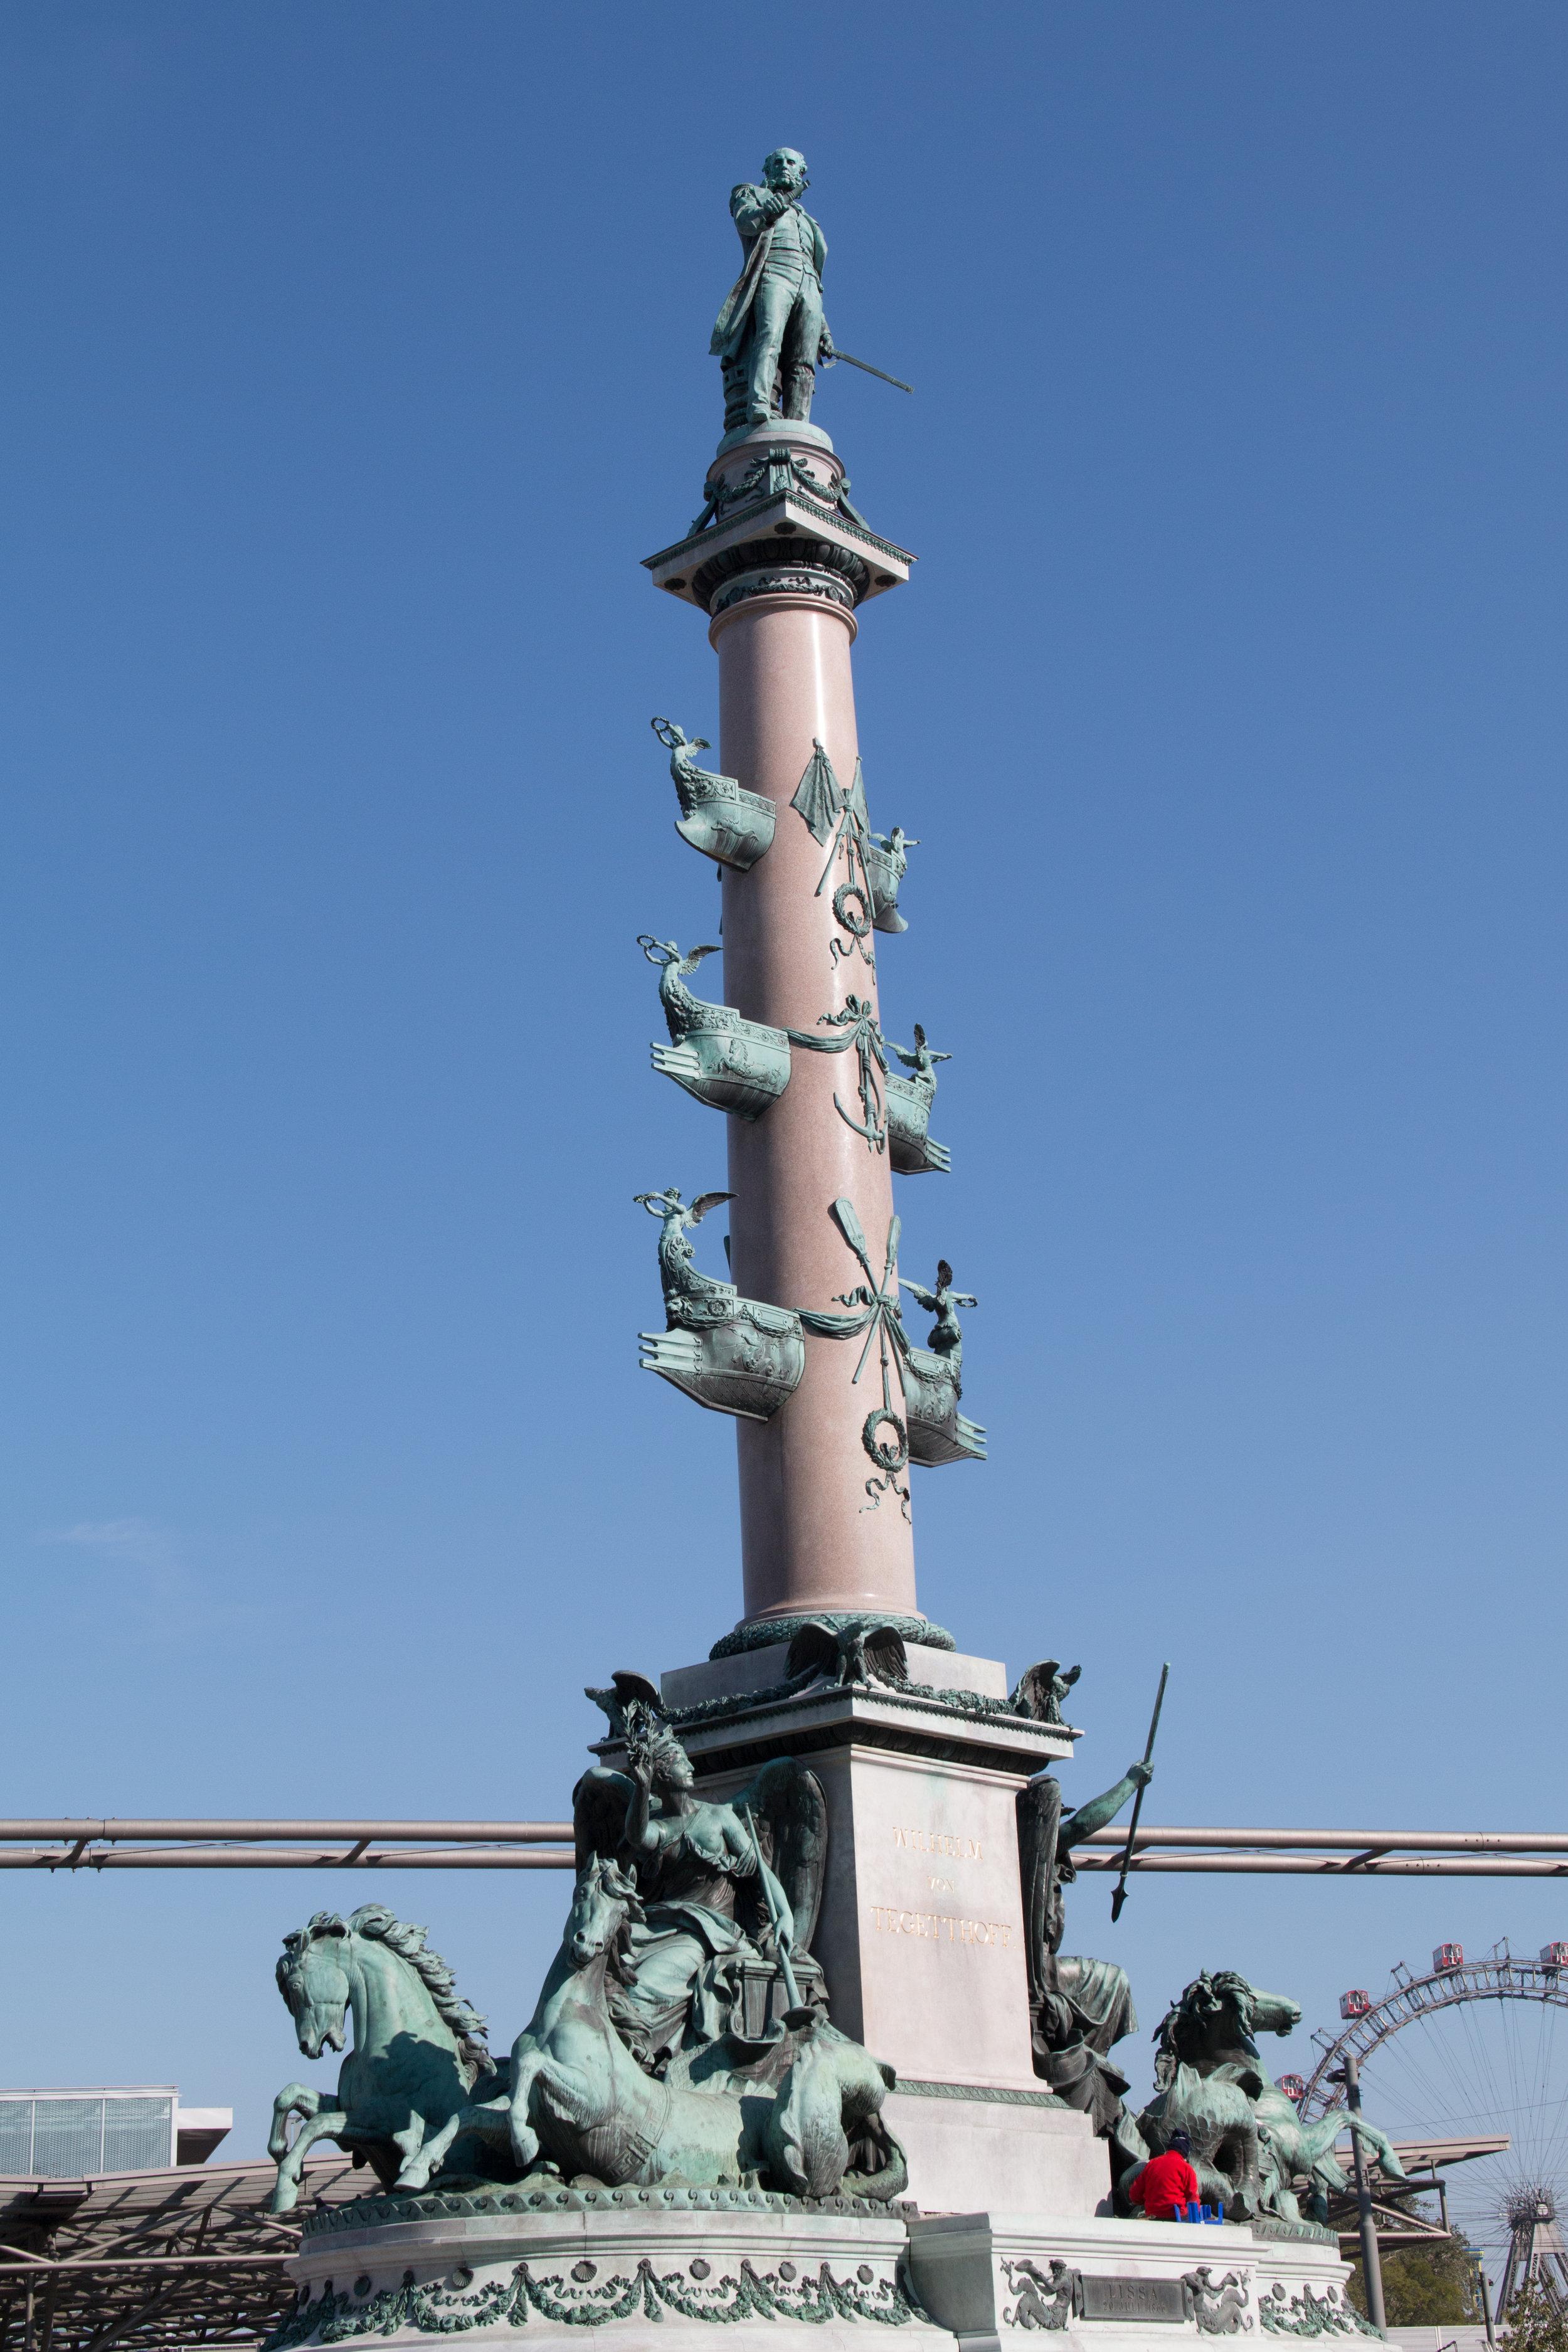 1020 Wien, Tegetthoff Denkmal   EOS 70D - F8 - 1/1000 - ISO 250